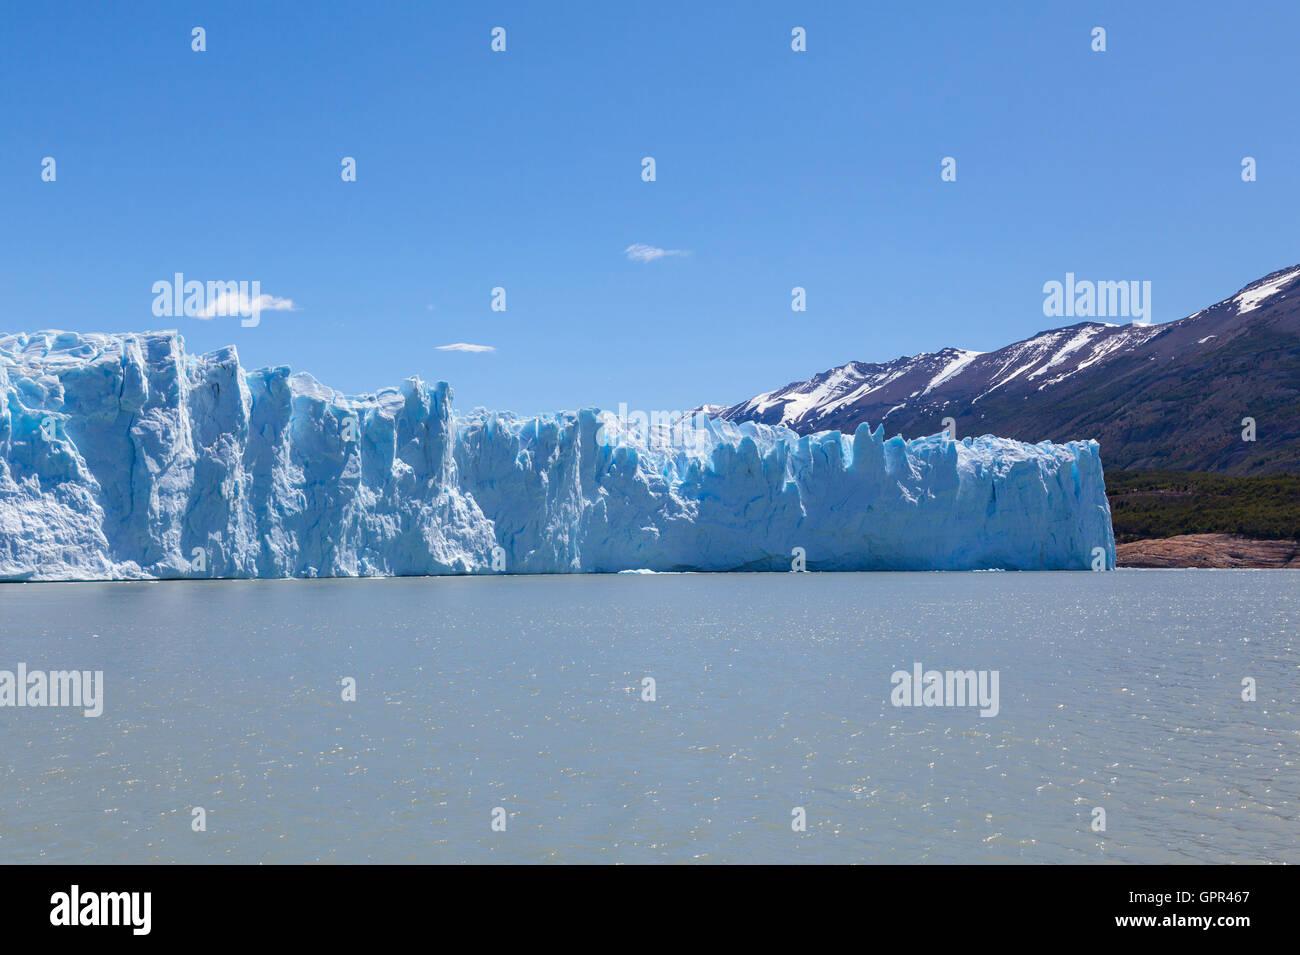 Perito Moreno Glacier, Argentina - Stock Image